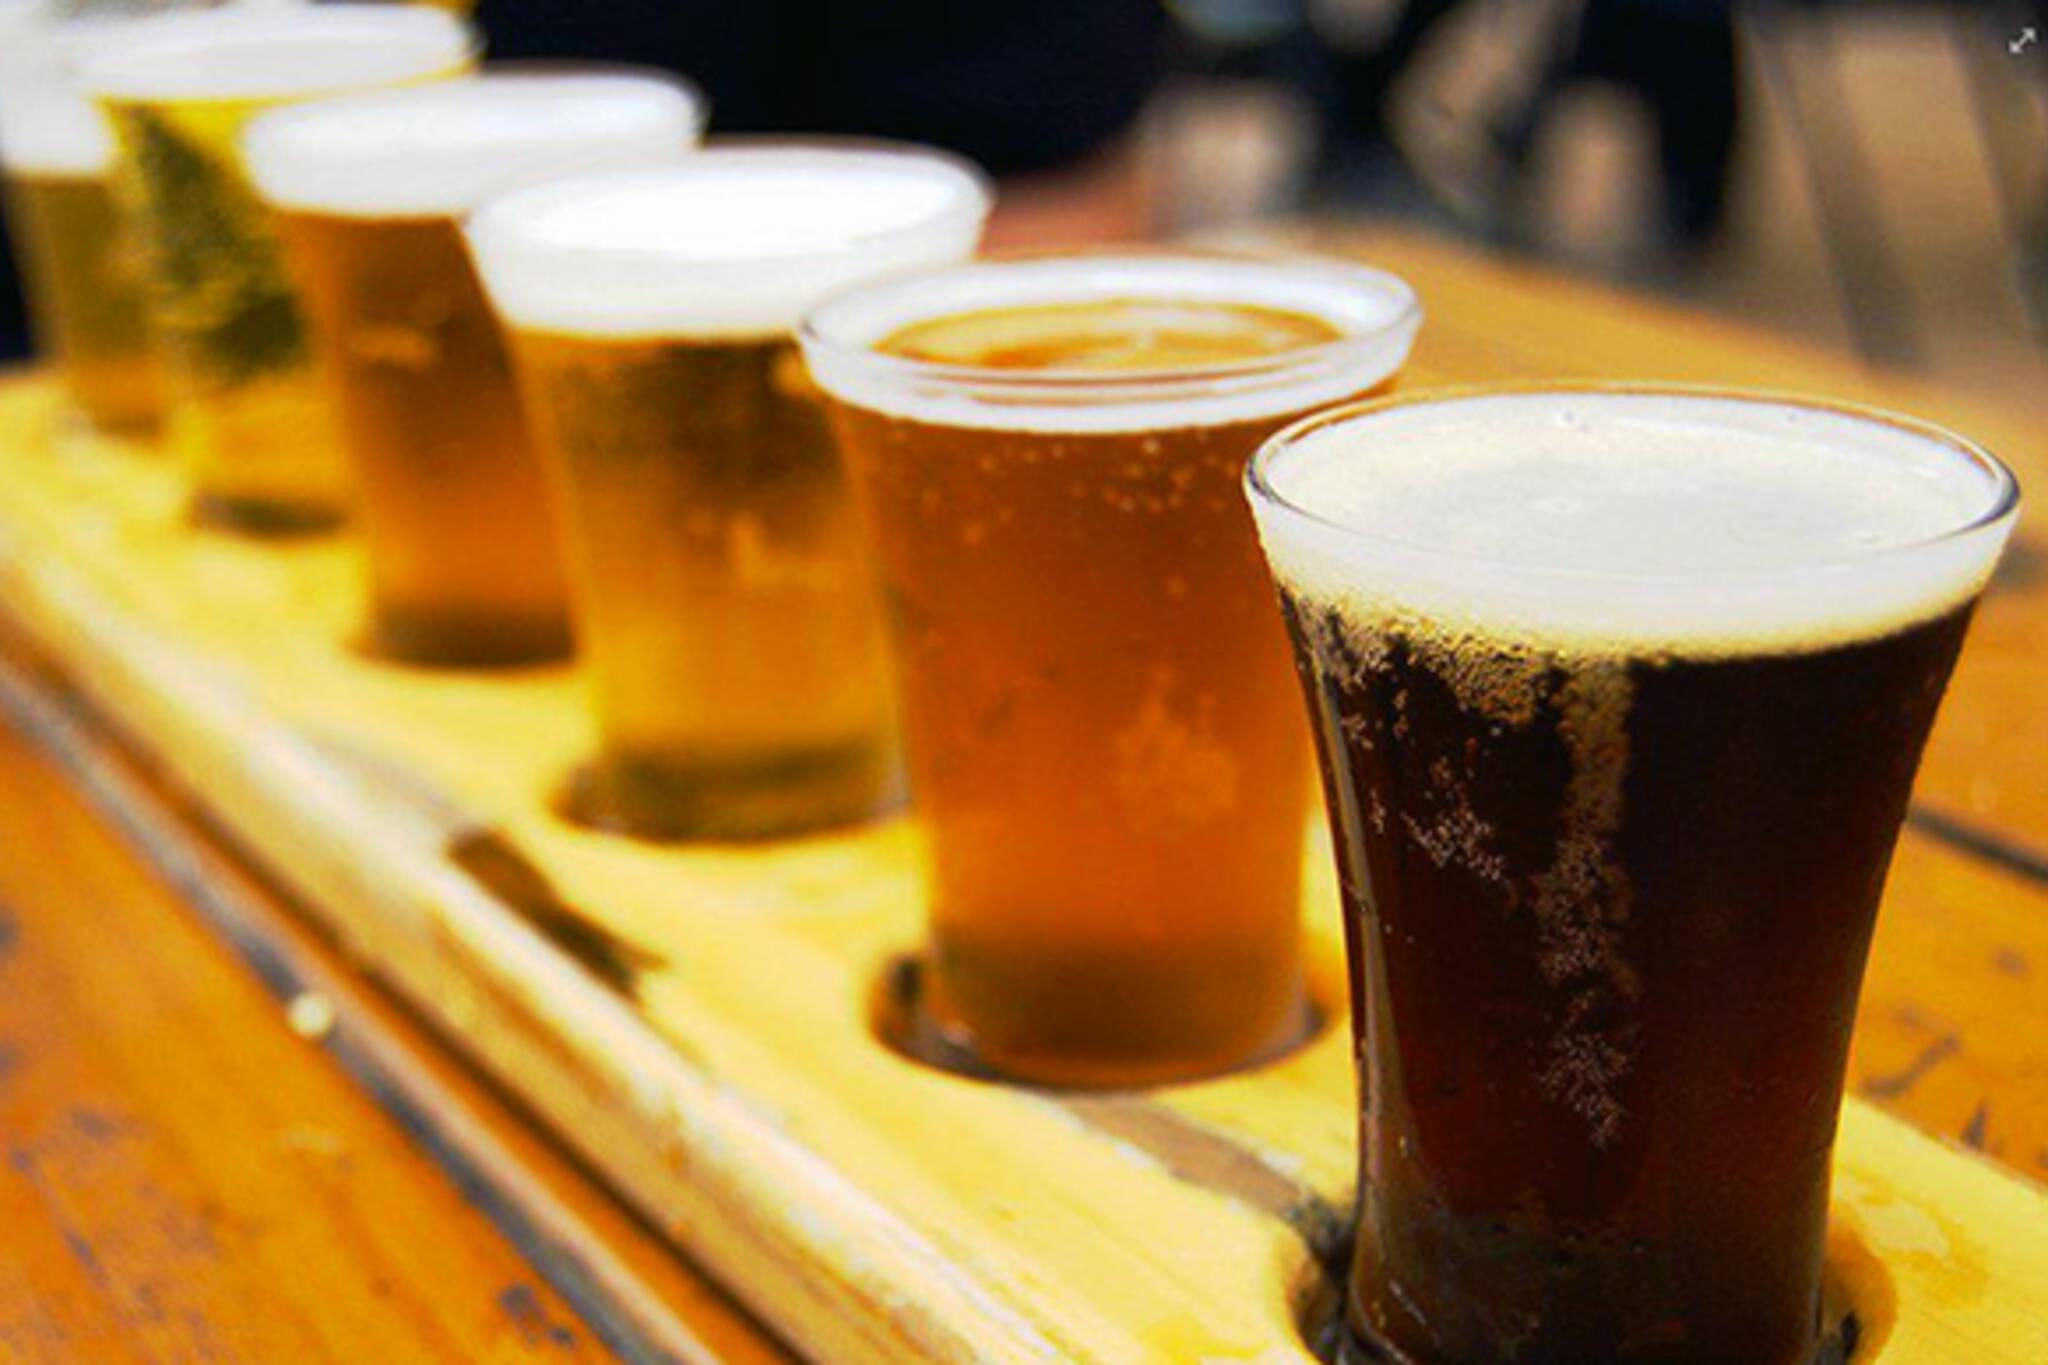 Ontario Craft Beer Week